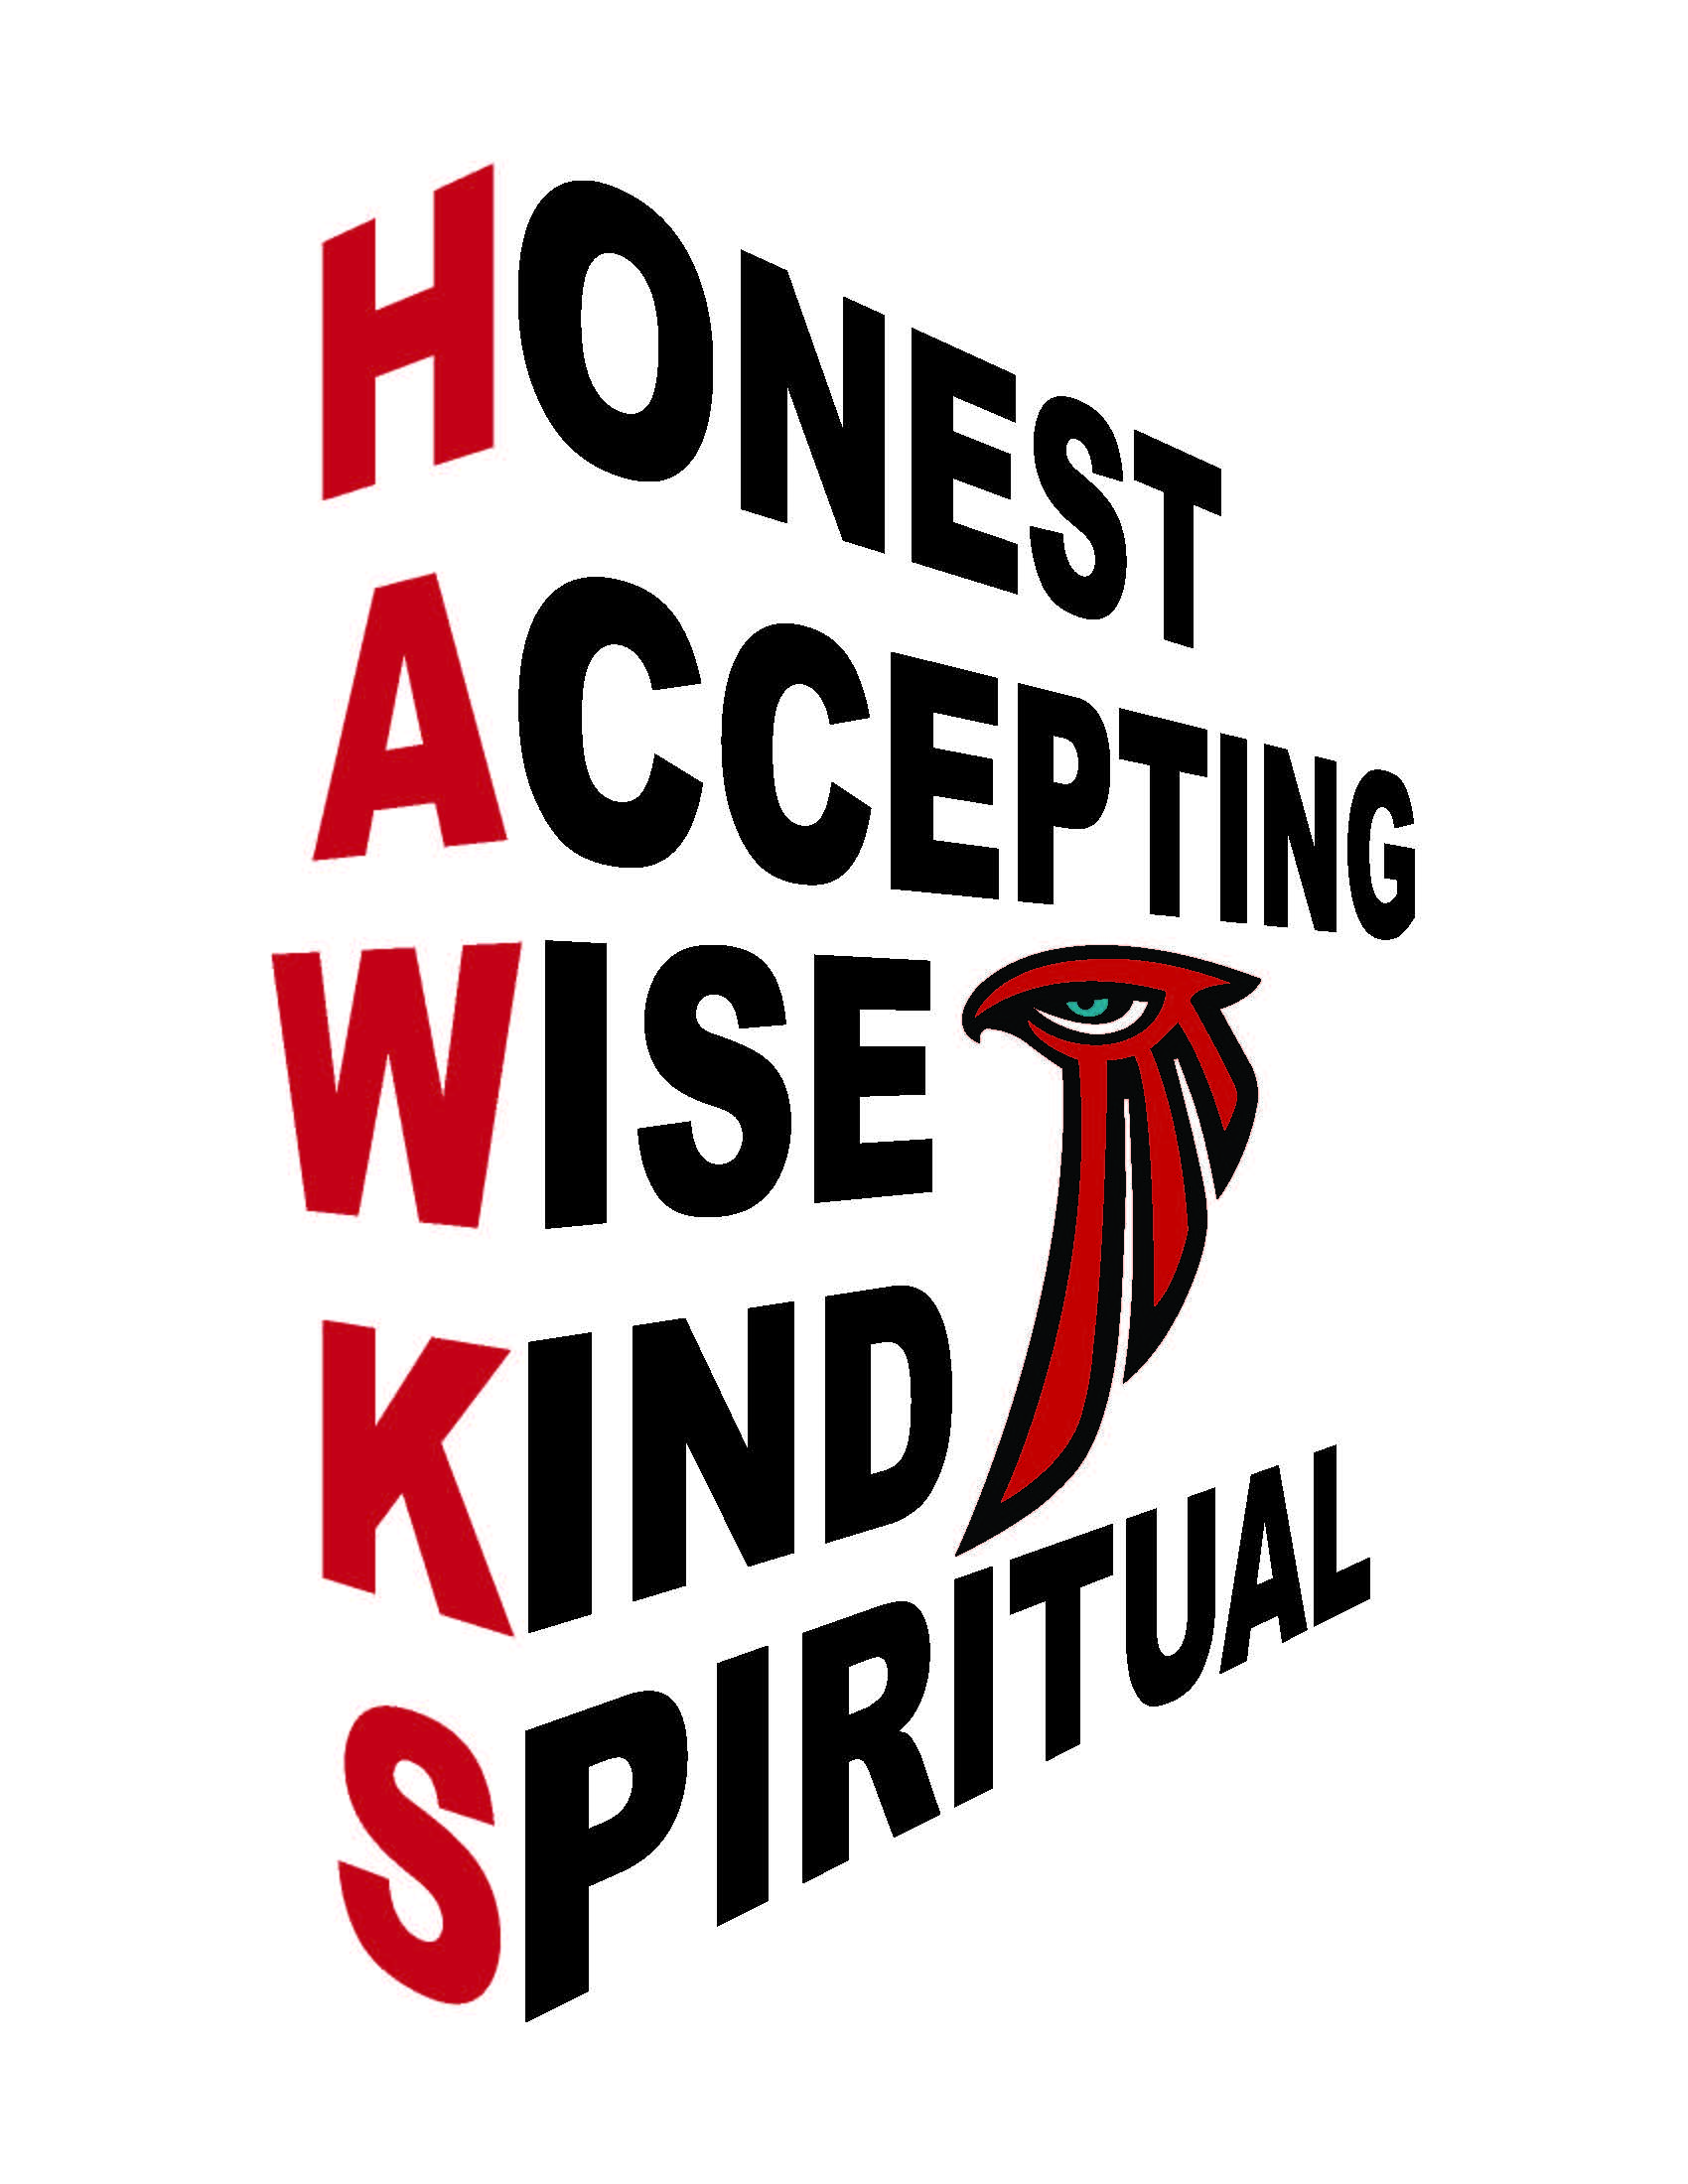 hawks-perspective-002